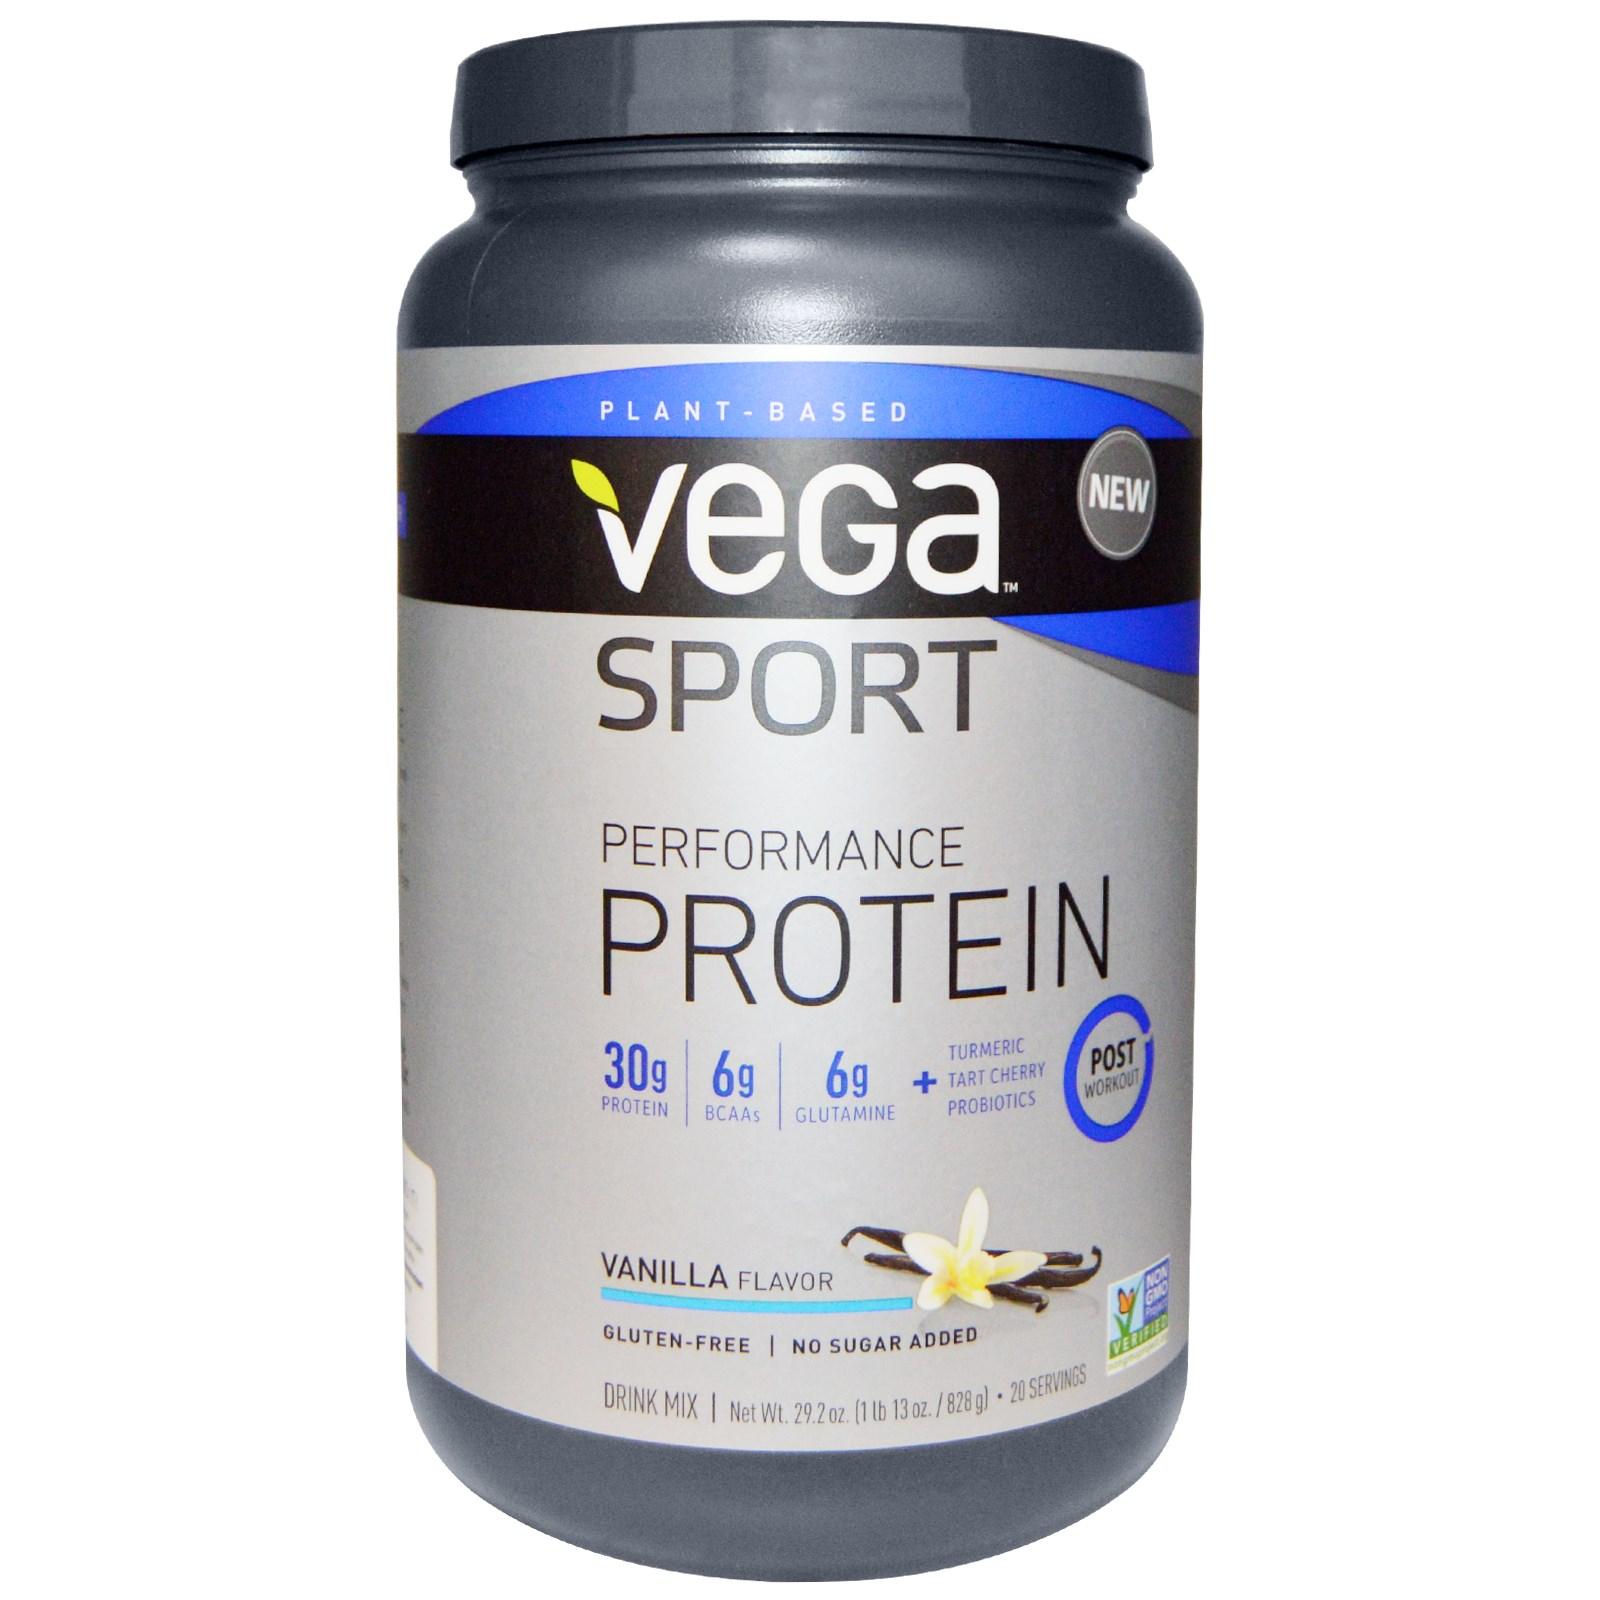 Vega protein sport